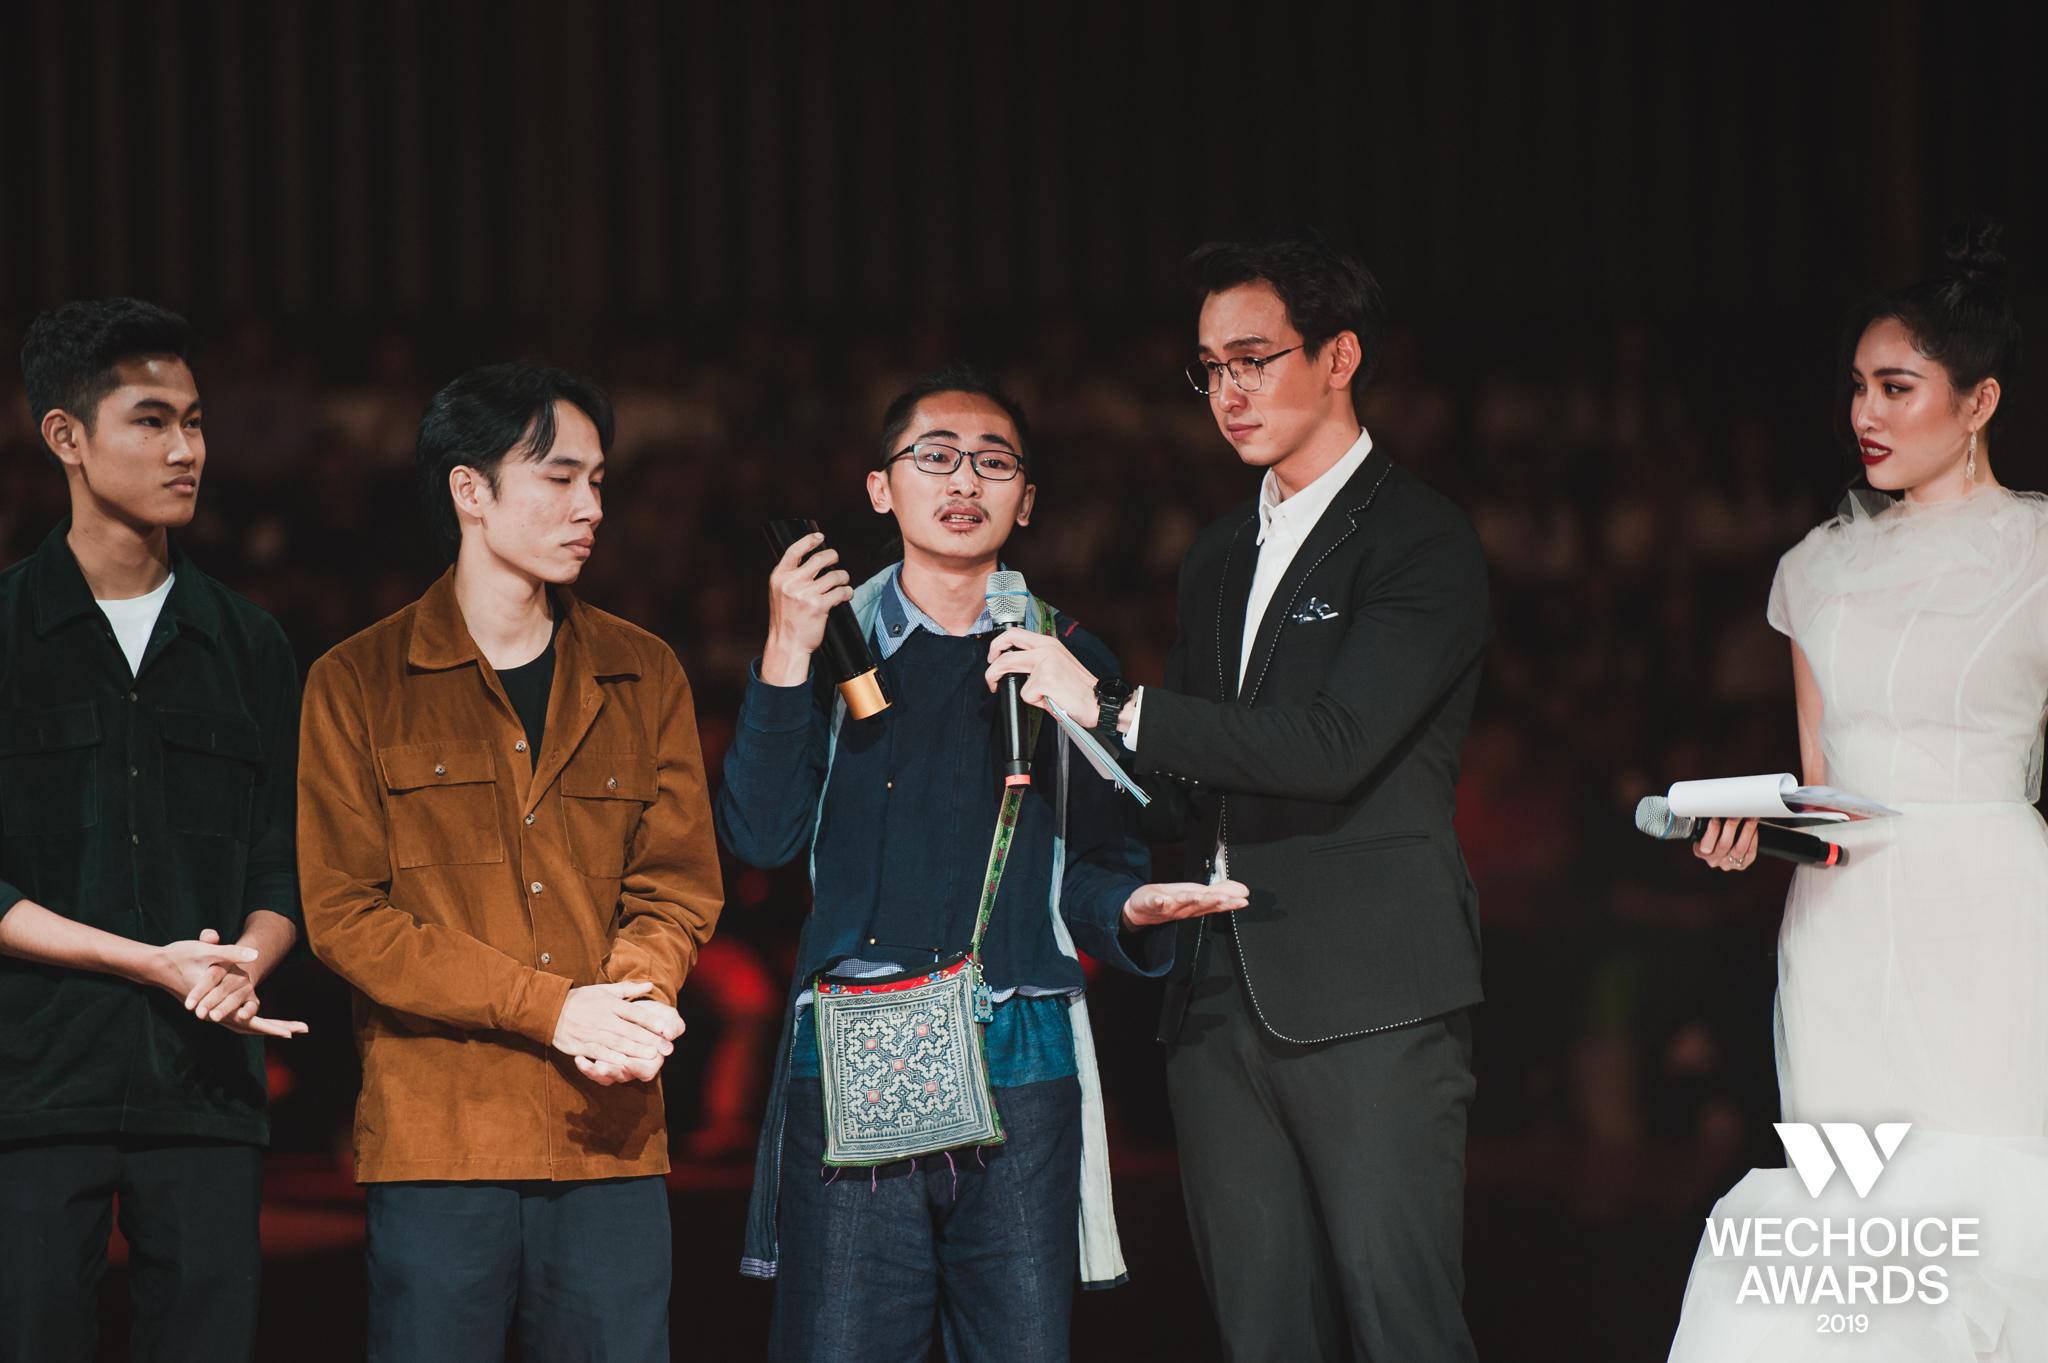 ĐIỀU PHI THƯỜNG NHỎ BÉ – We Choice Awards 2019 7